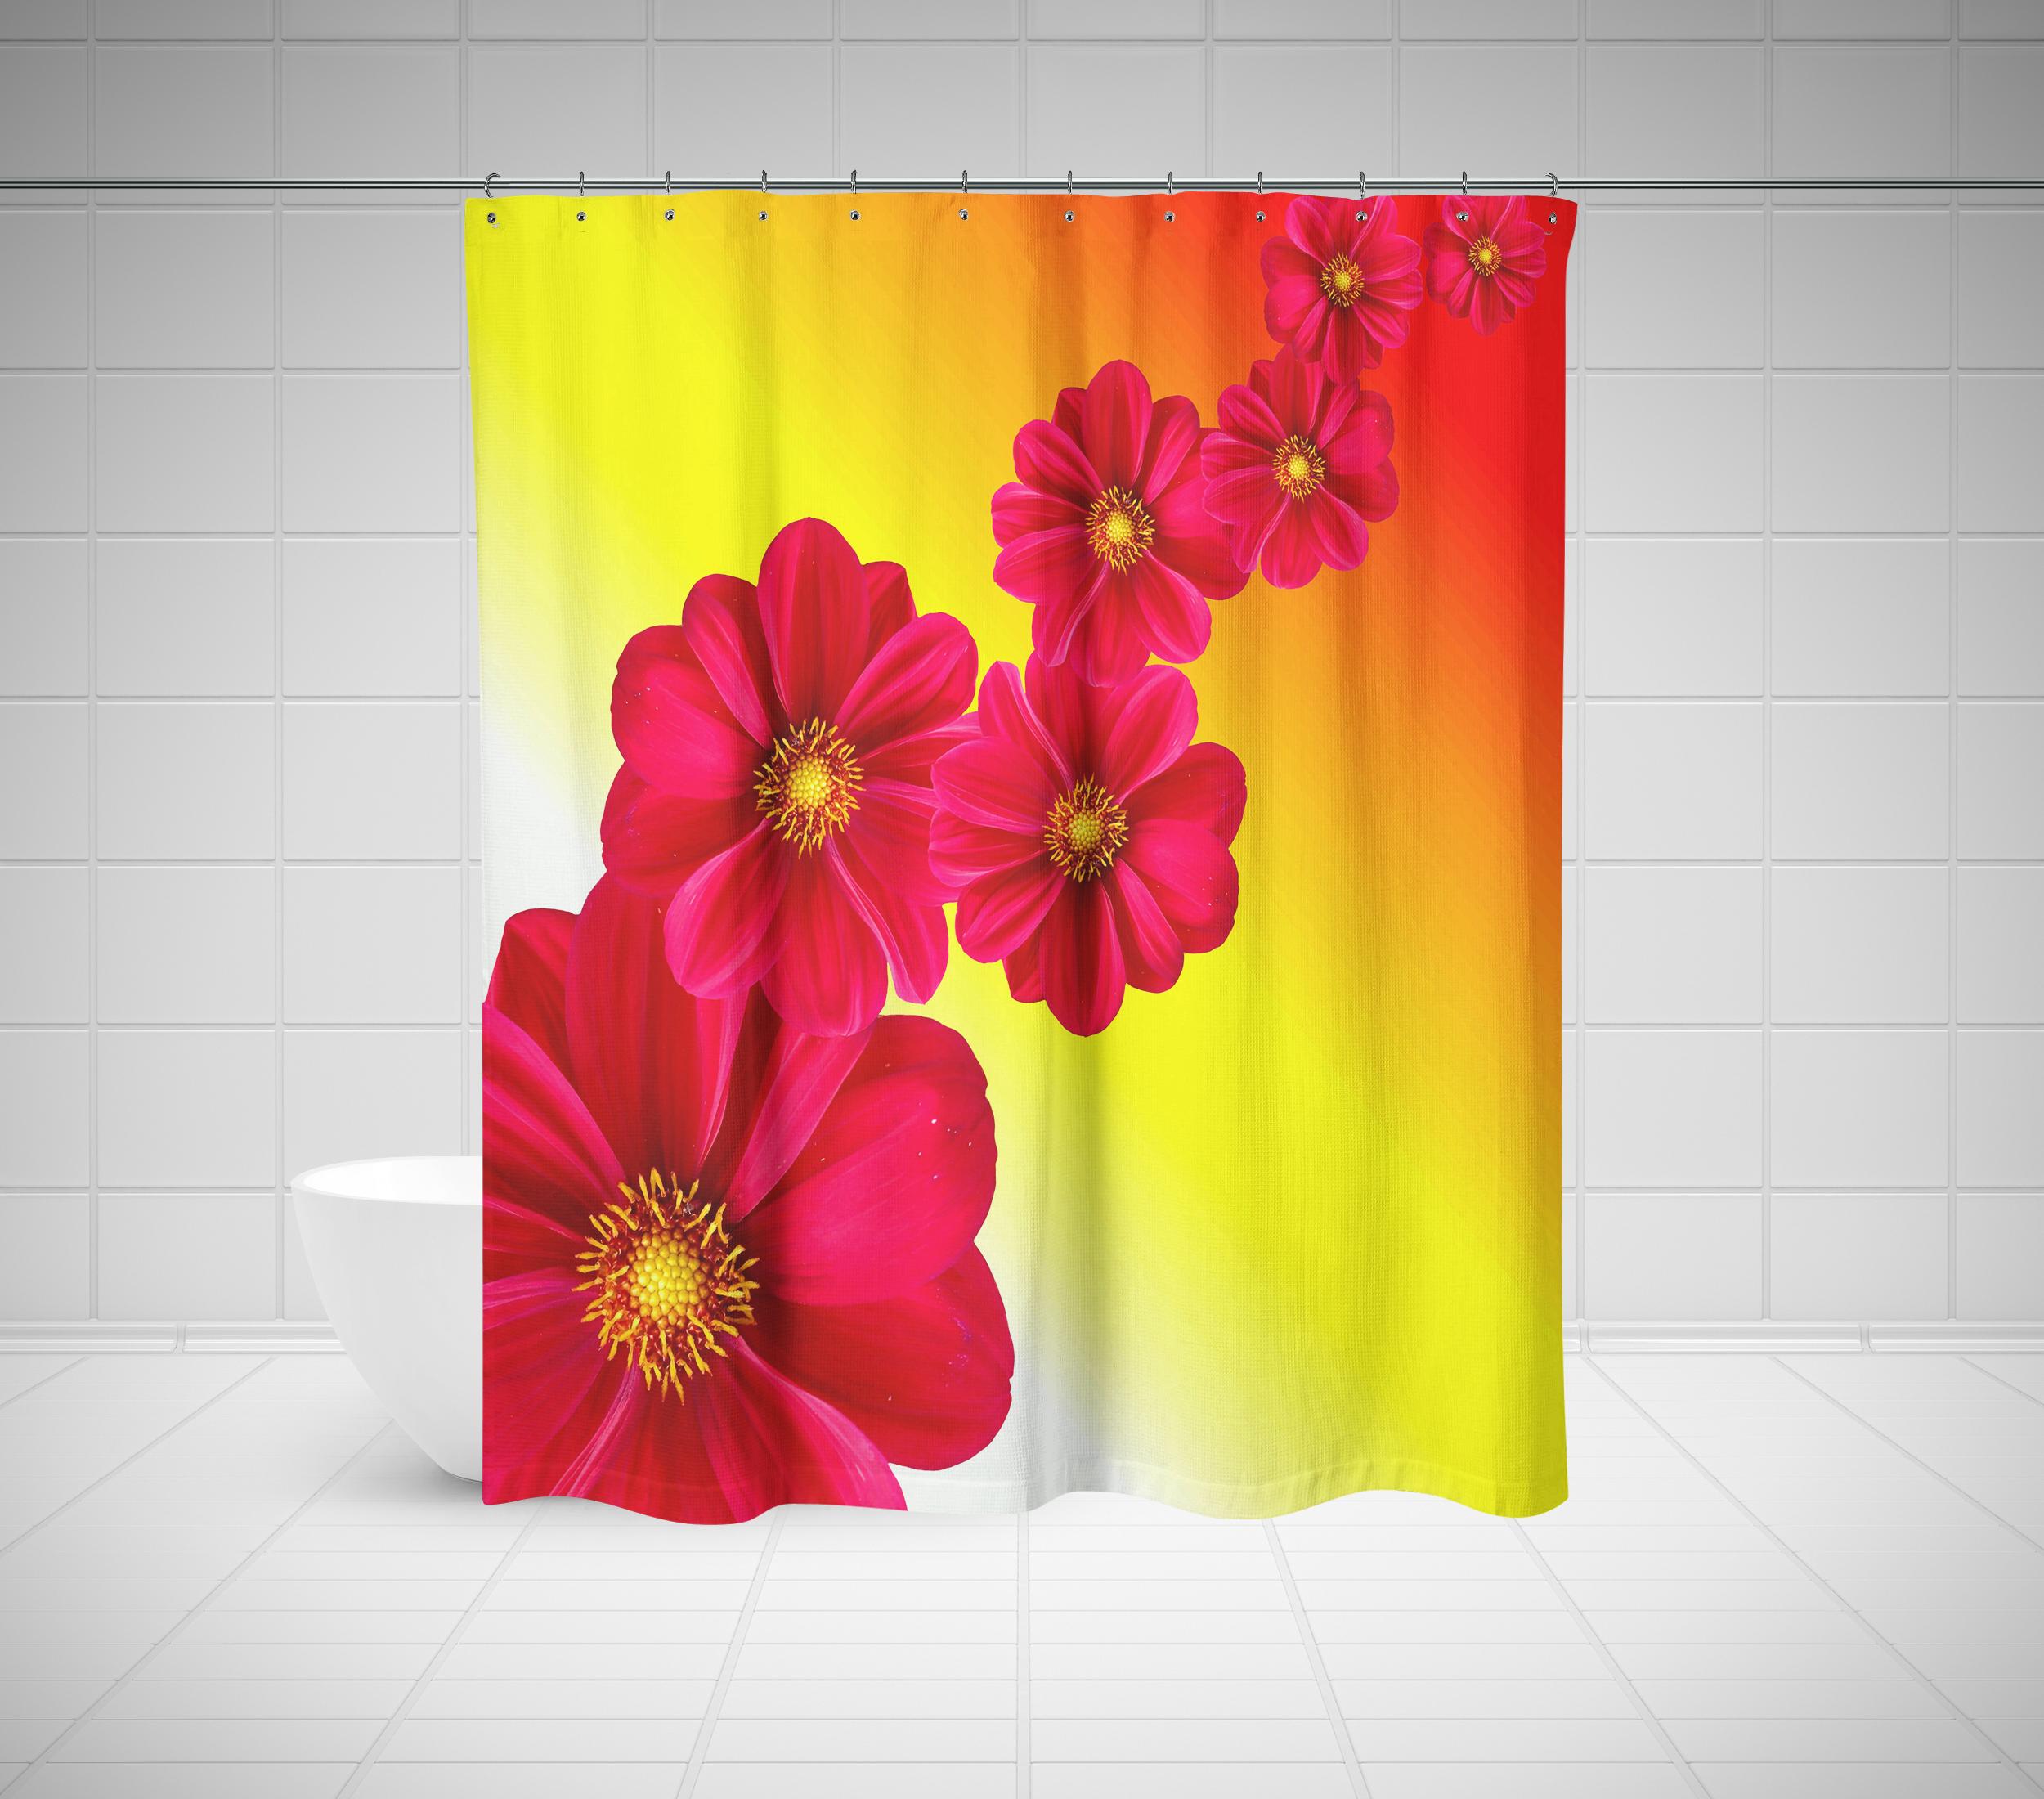 cool shower curtain - Unique Shower Curtains